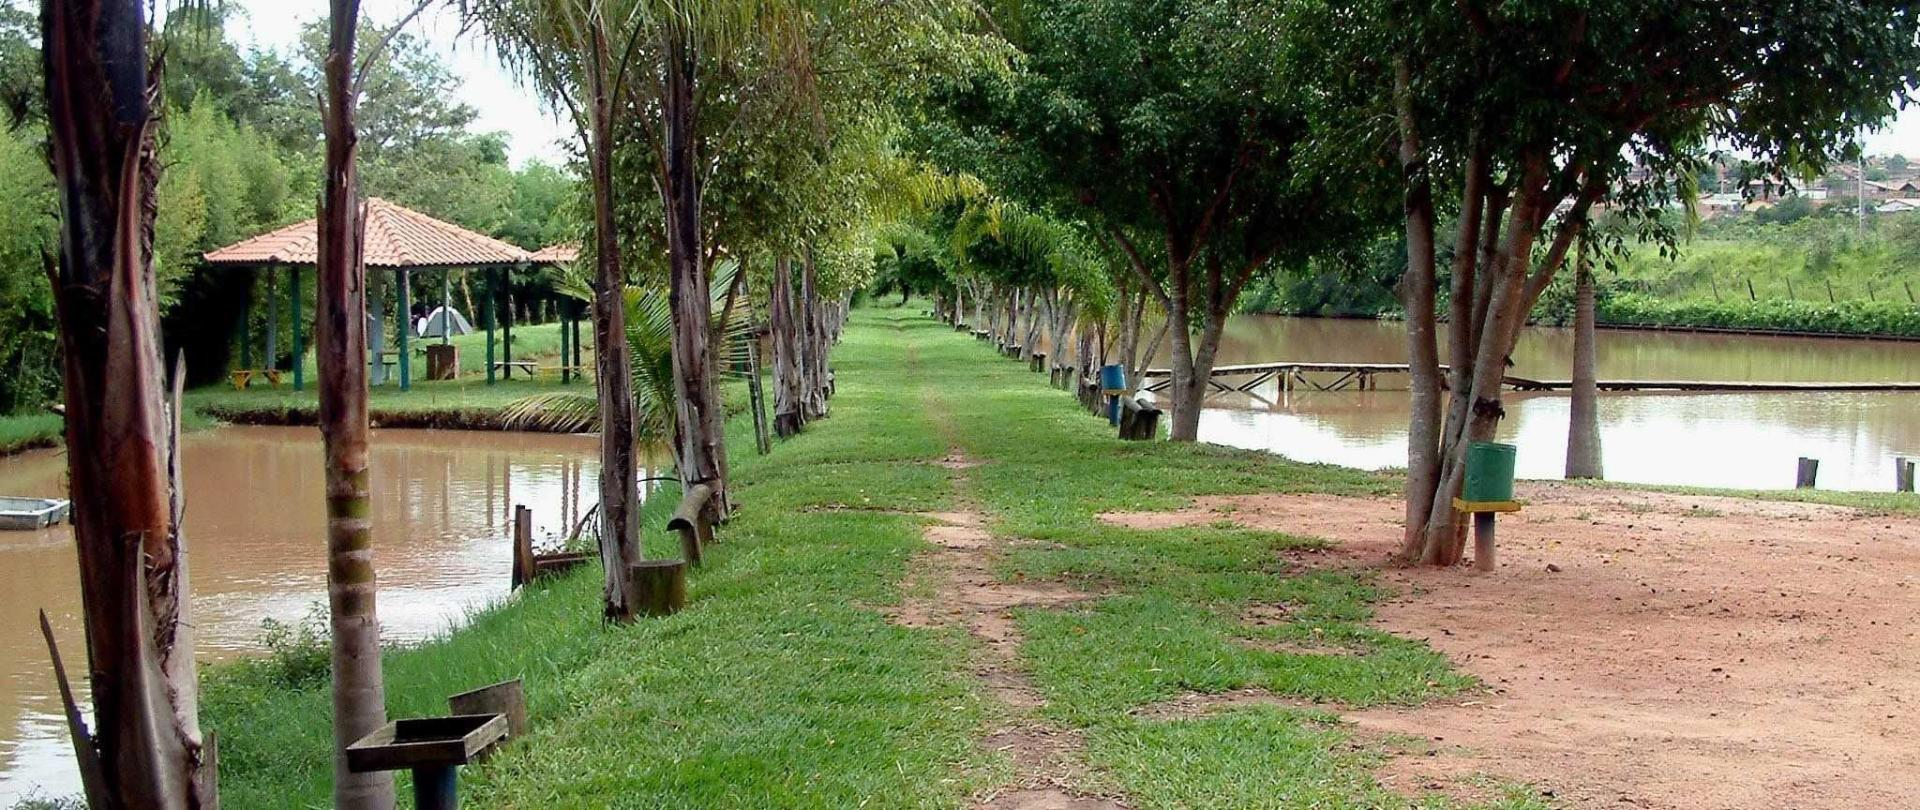 Pousada Paraíso das Águas | Itirapina | São Paulo | Brasil.jpg